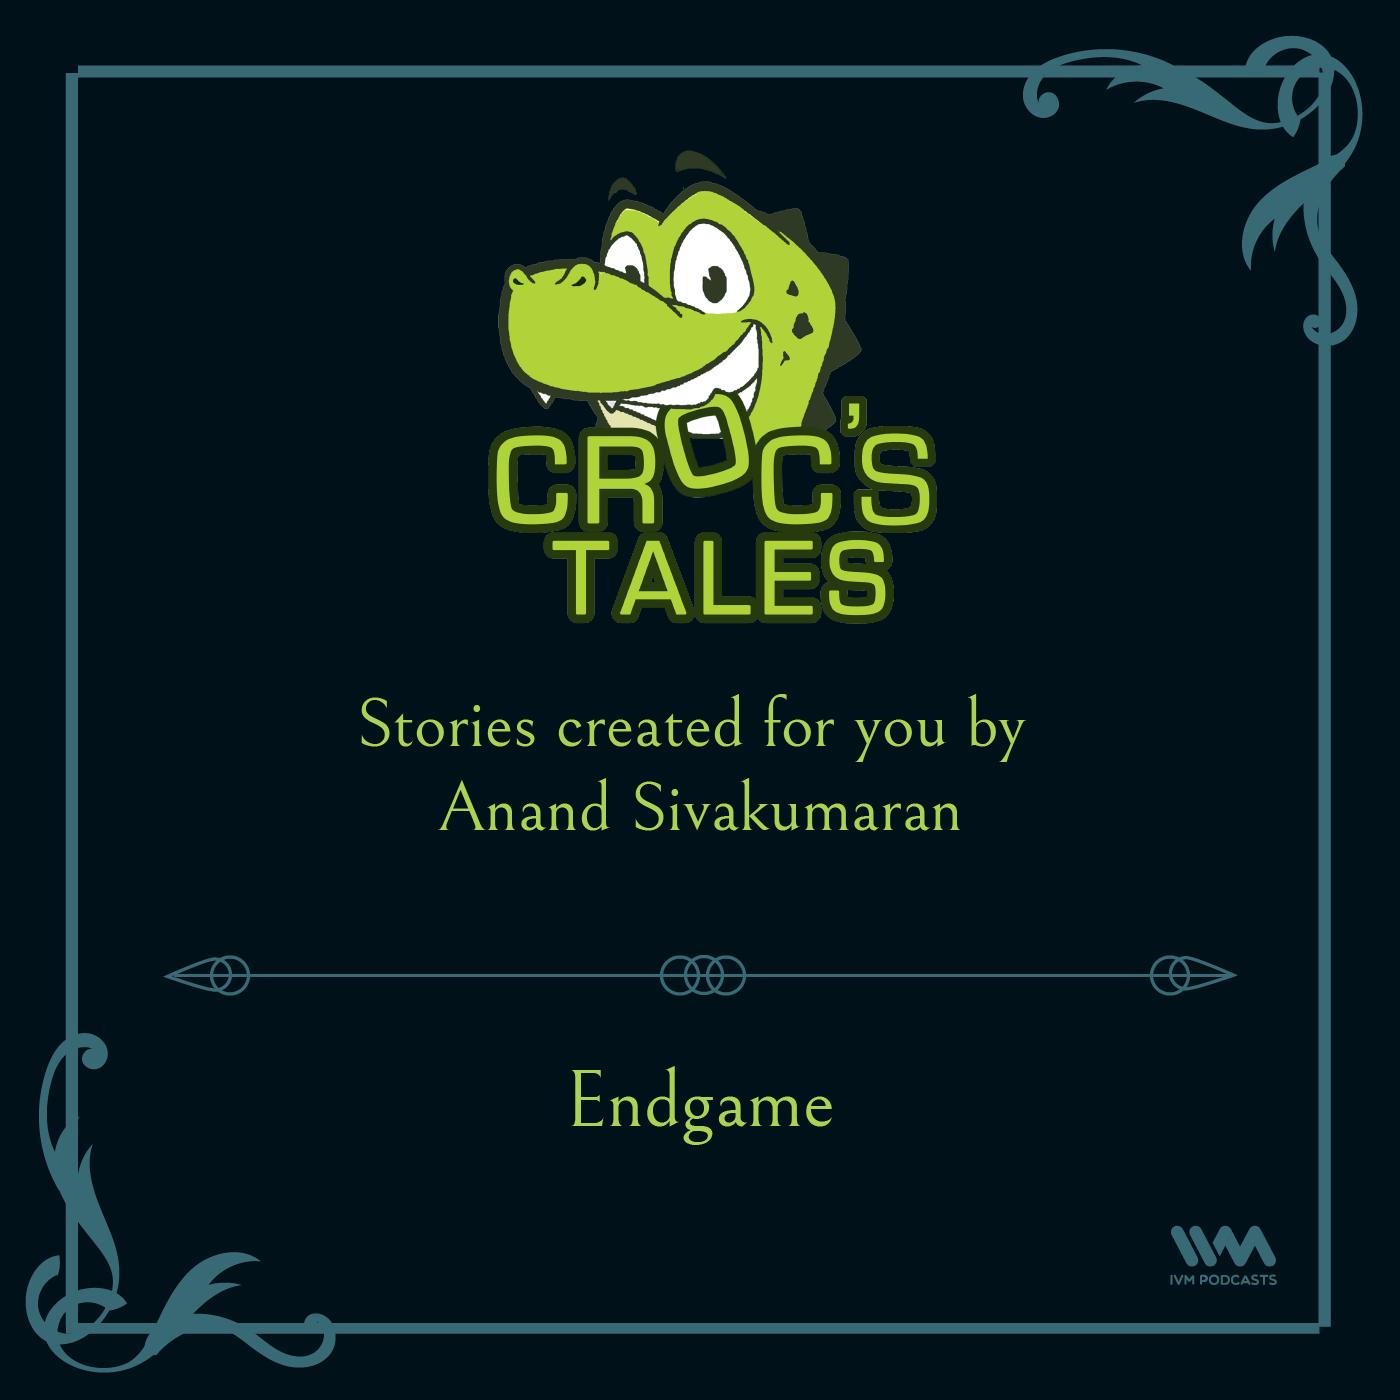 Ep. 89: Endgame